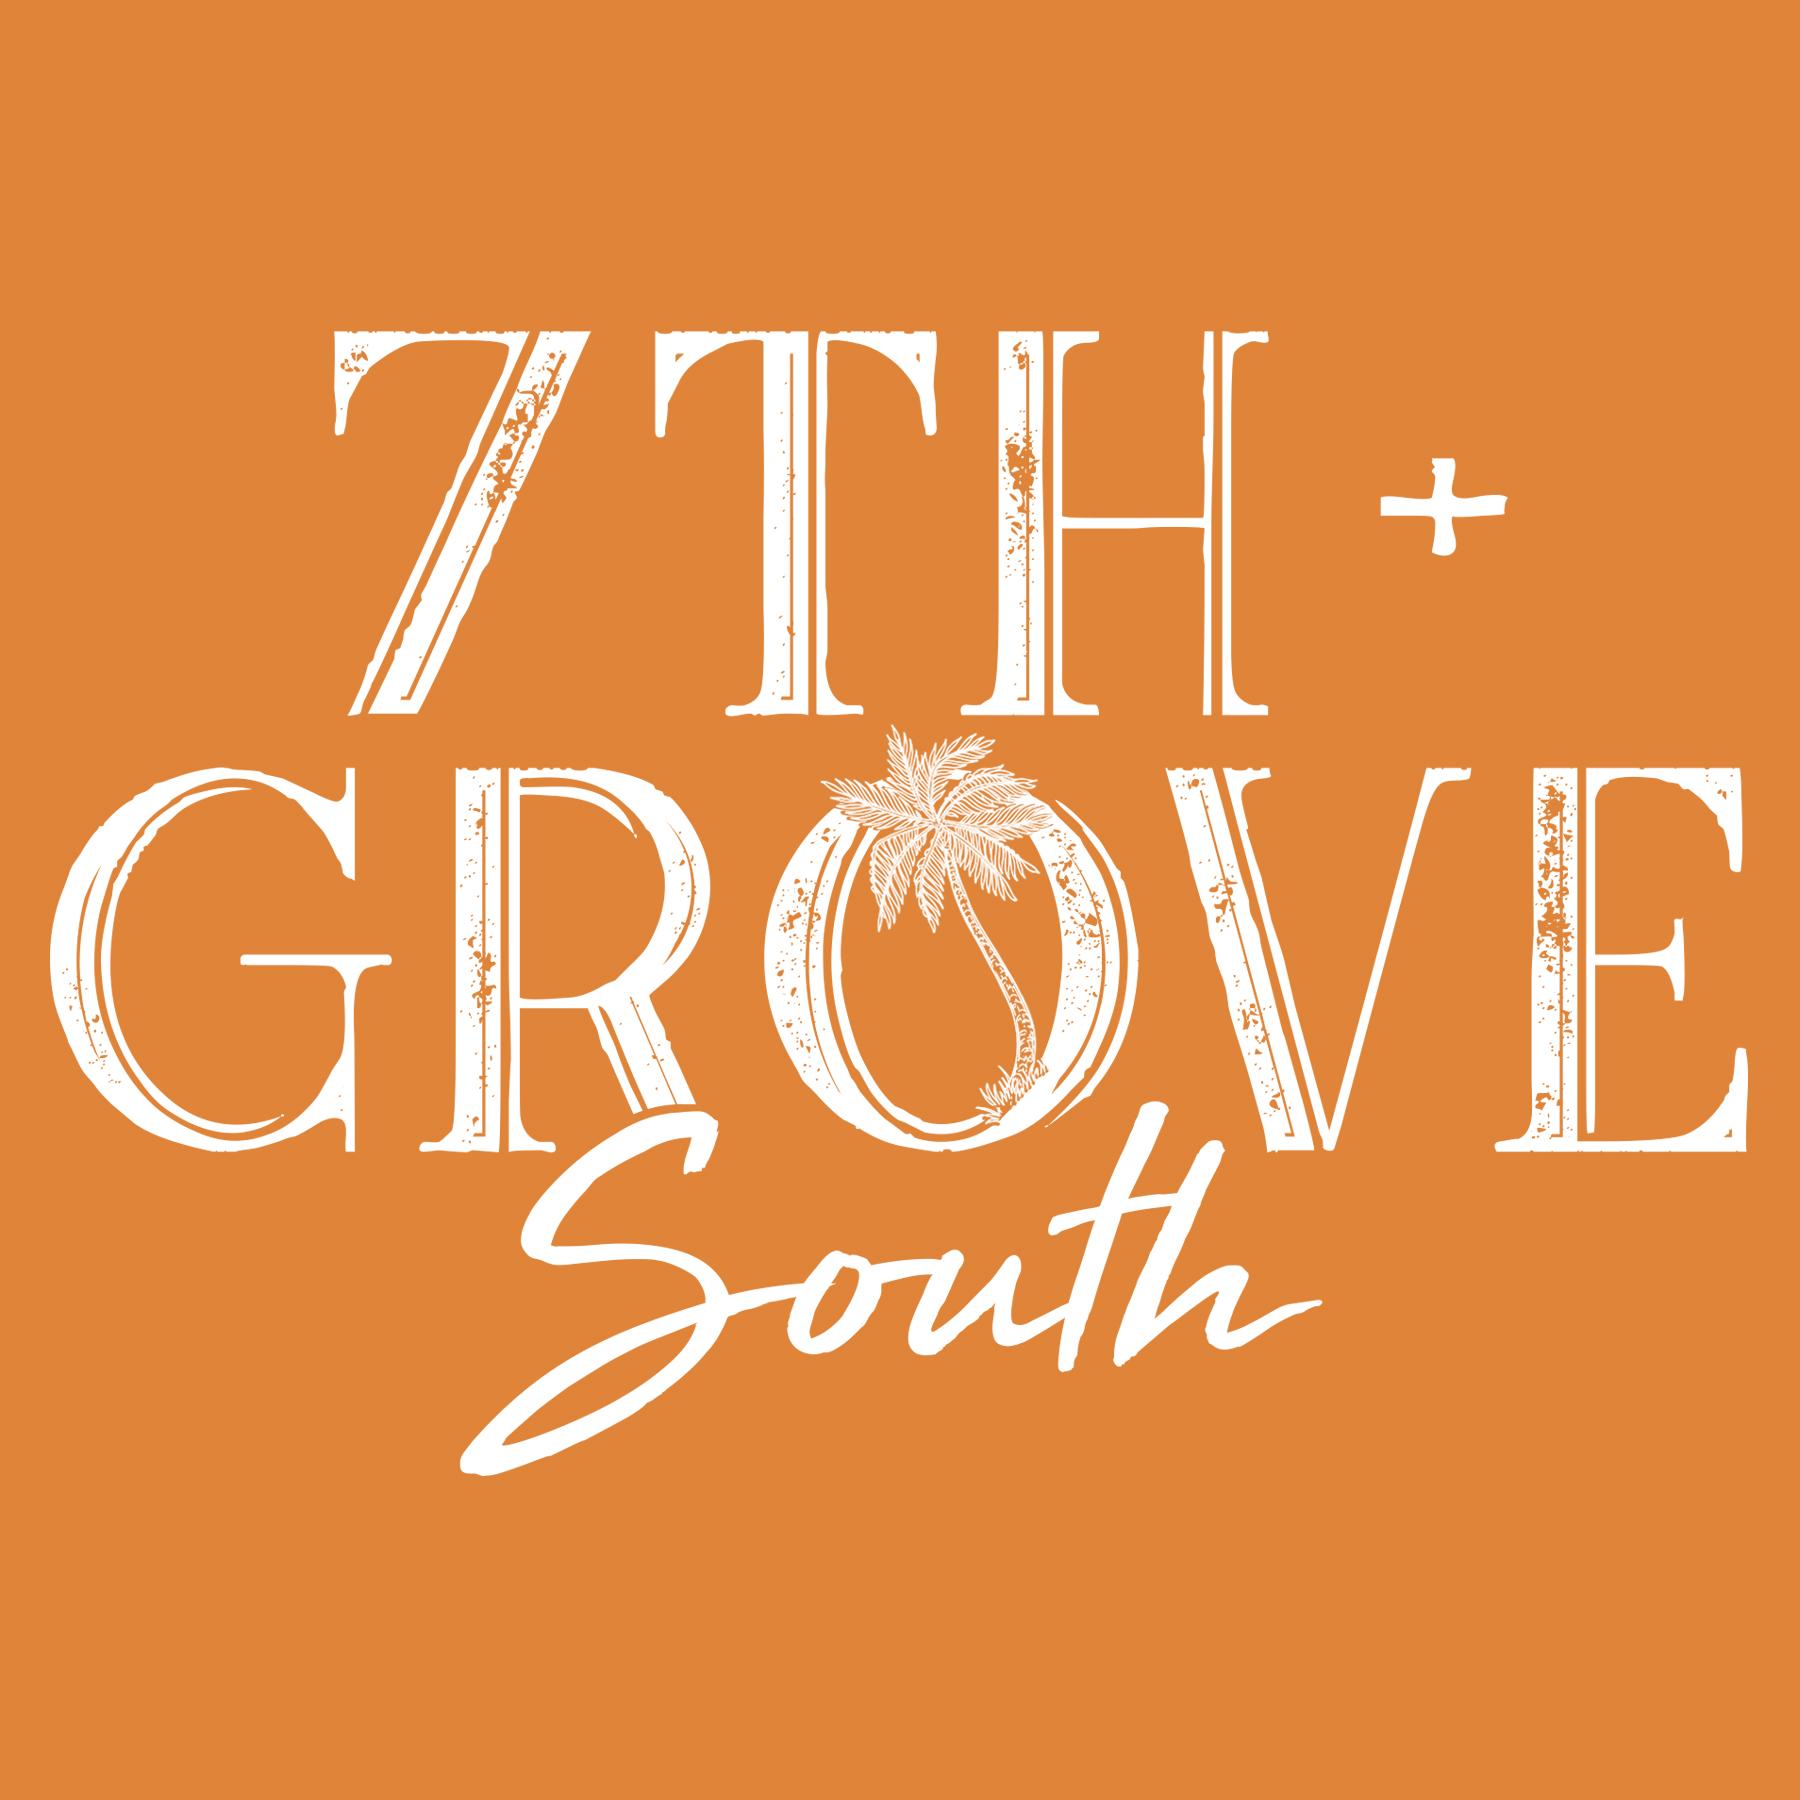 7th plus Grove South logo